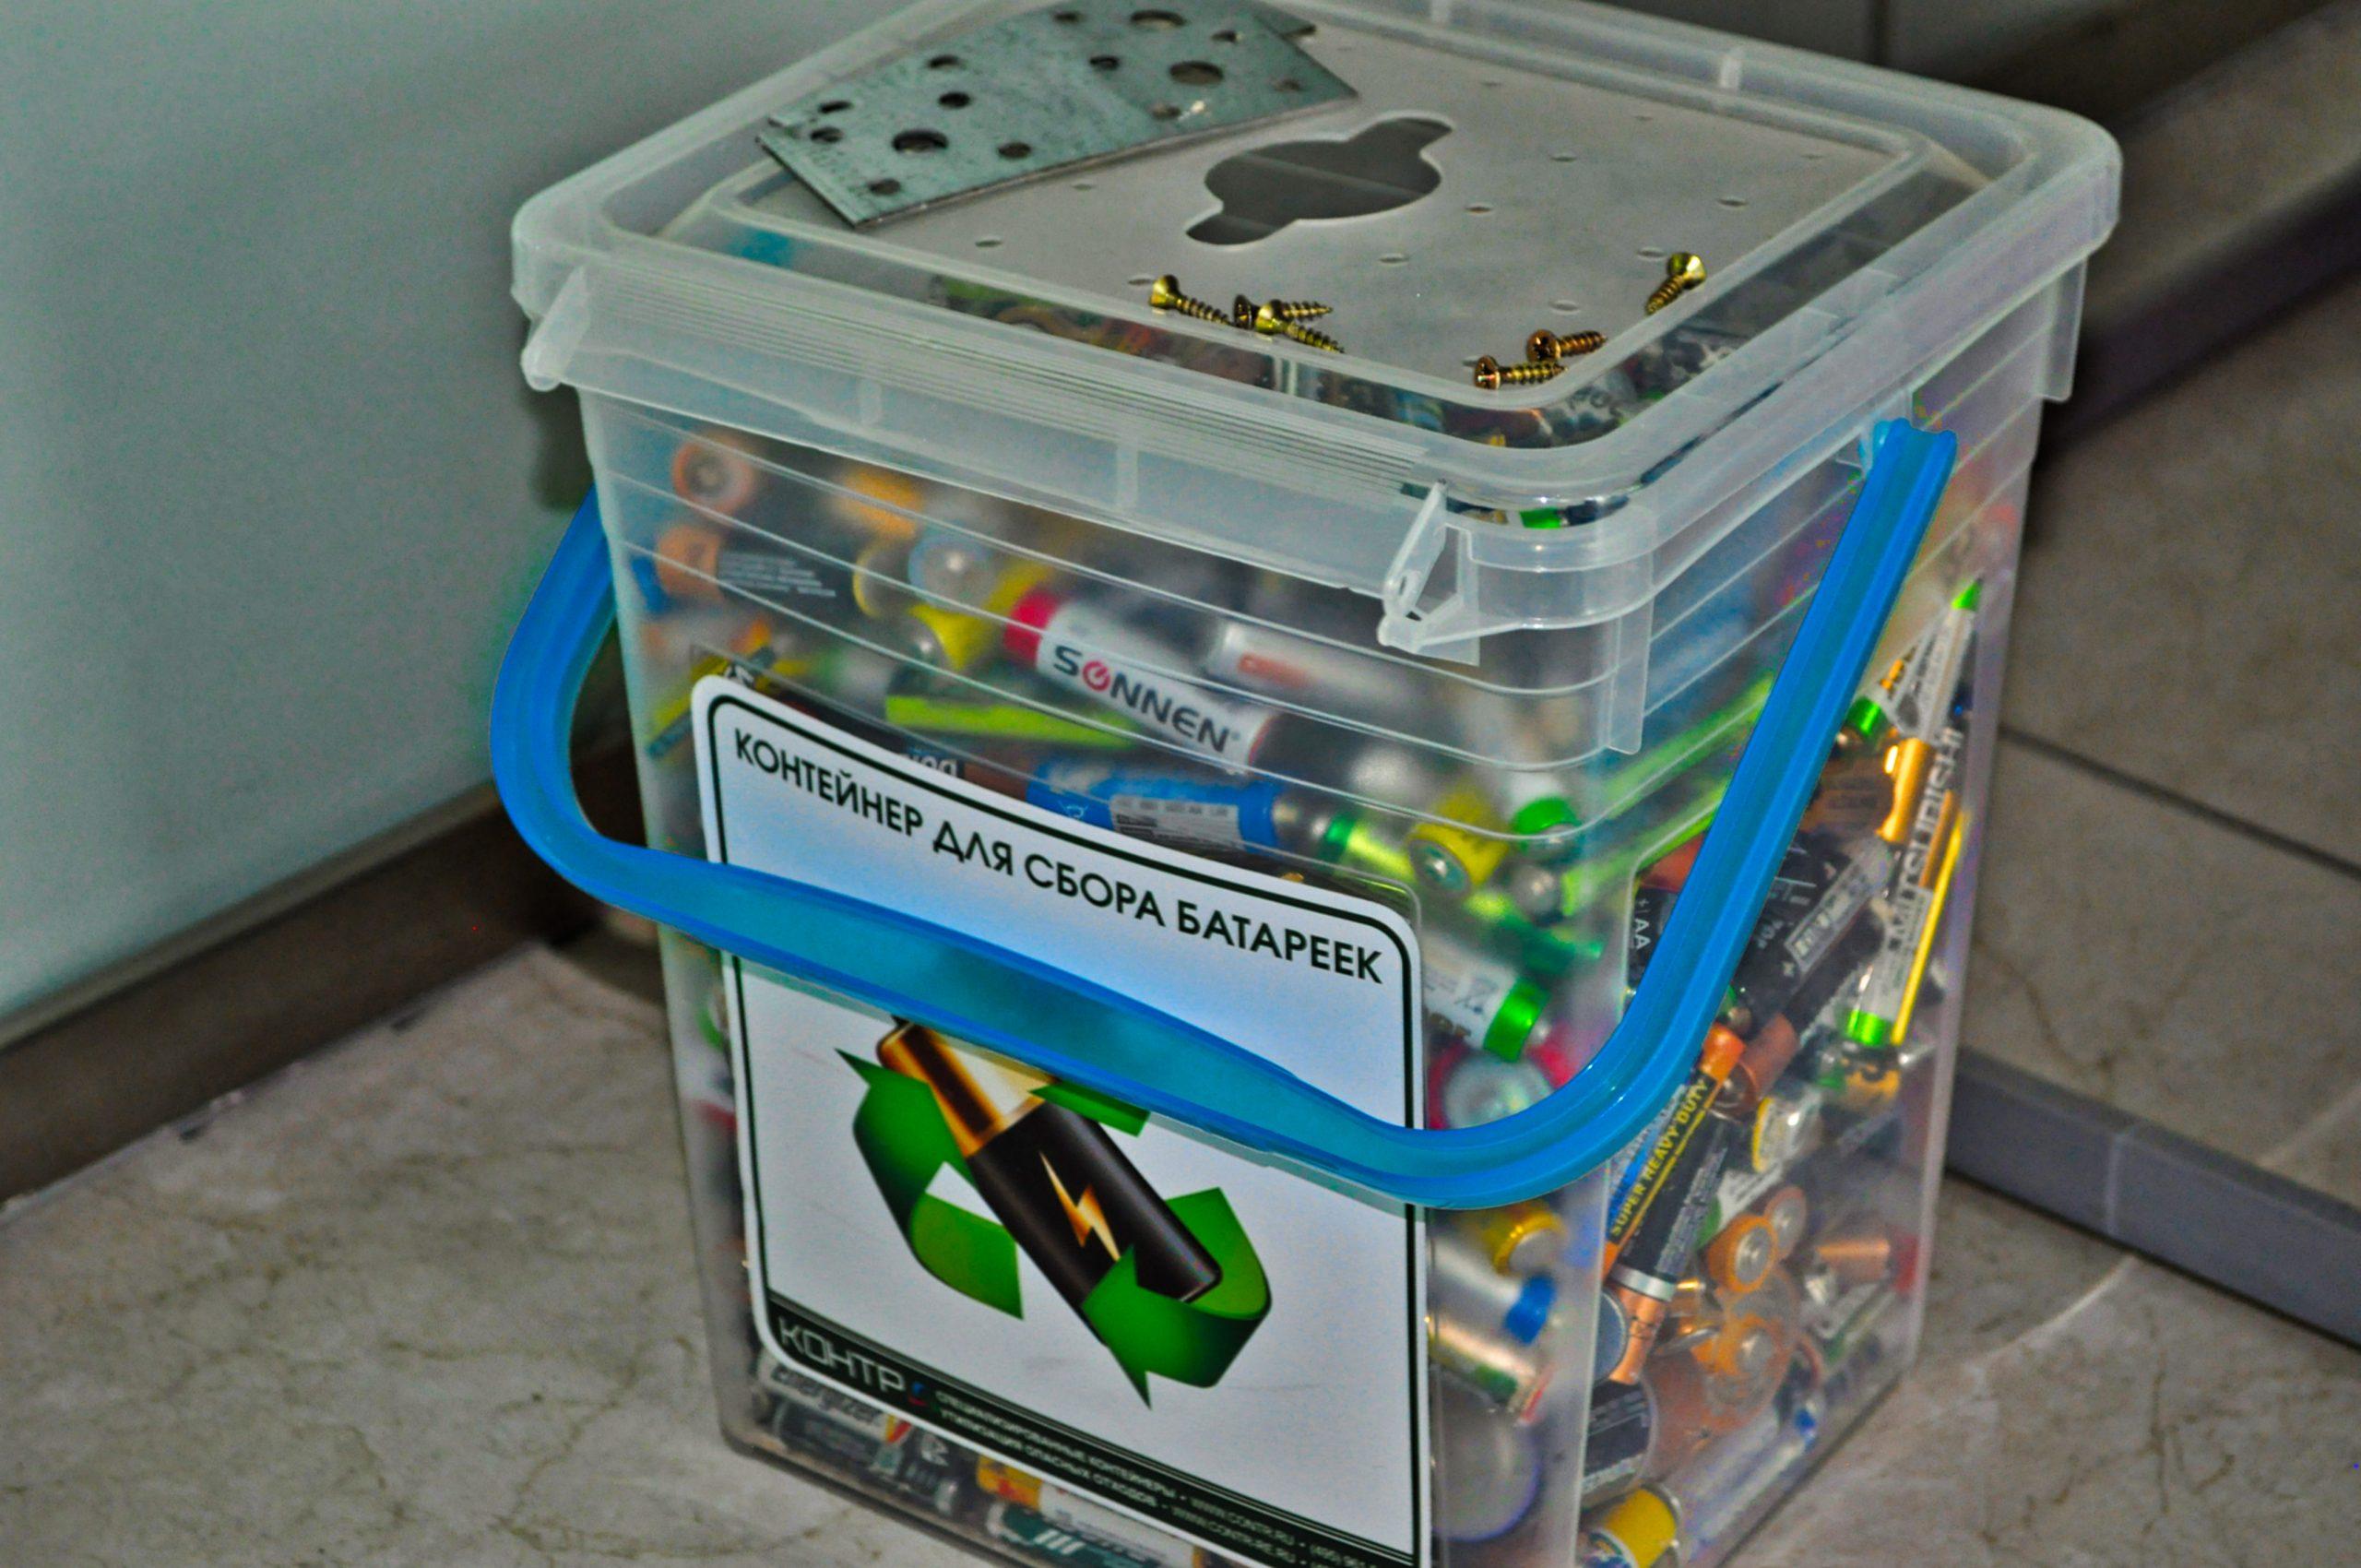 Зеленый город: в Орехове-Борисове Южном собрали 400 килограммов батареек на переработку